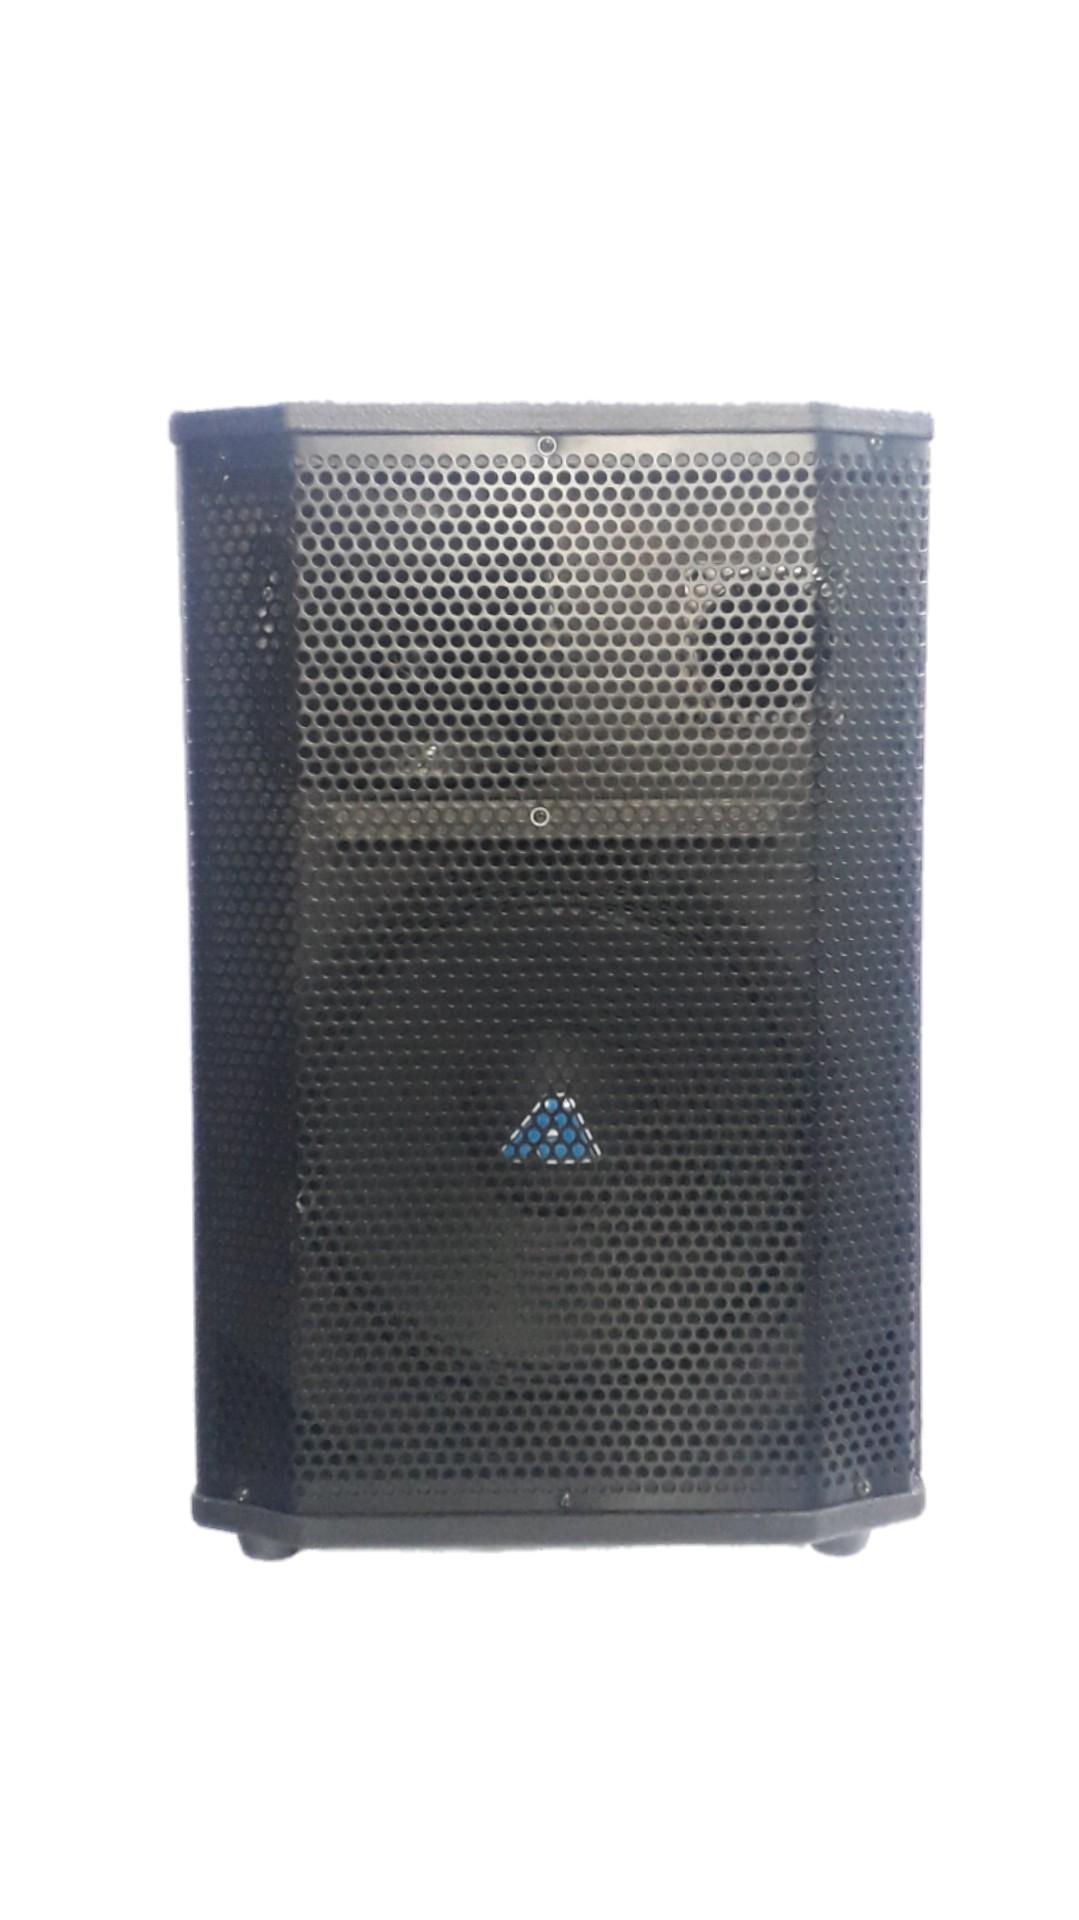 Caixa Acústica Alternativa Falante12.5 Passiva190wref.